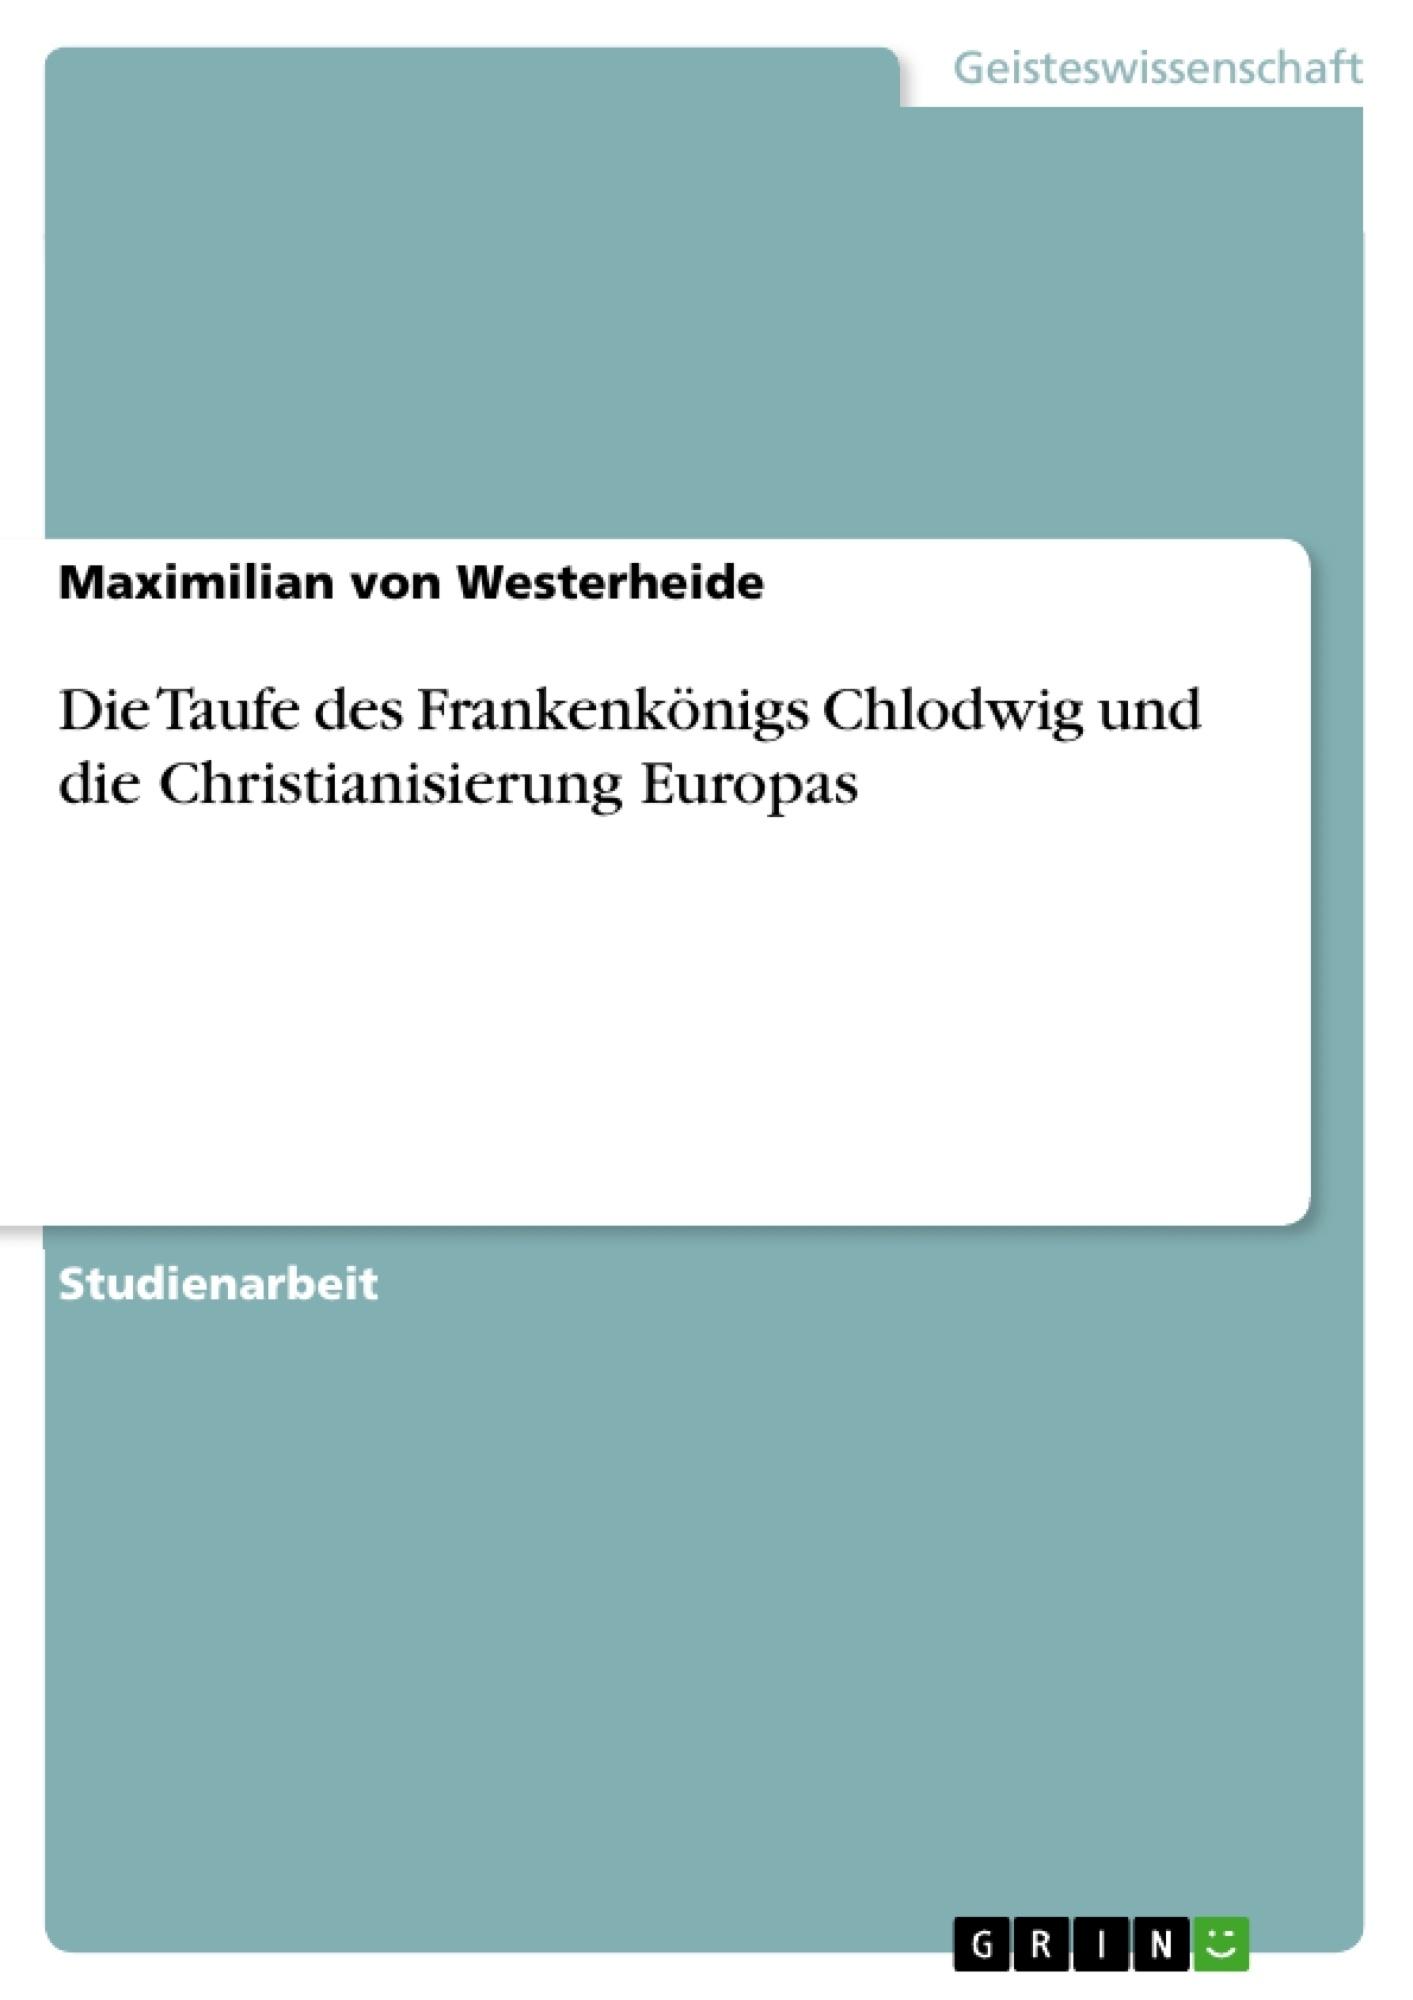 Titel: Die Taufe des Frankenkönigs Chlodwig und die Christianisierung Europas